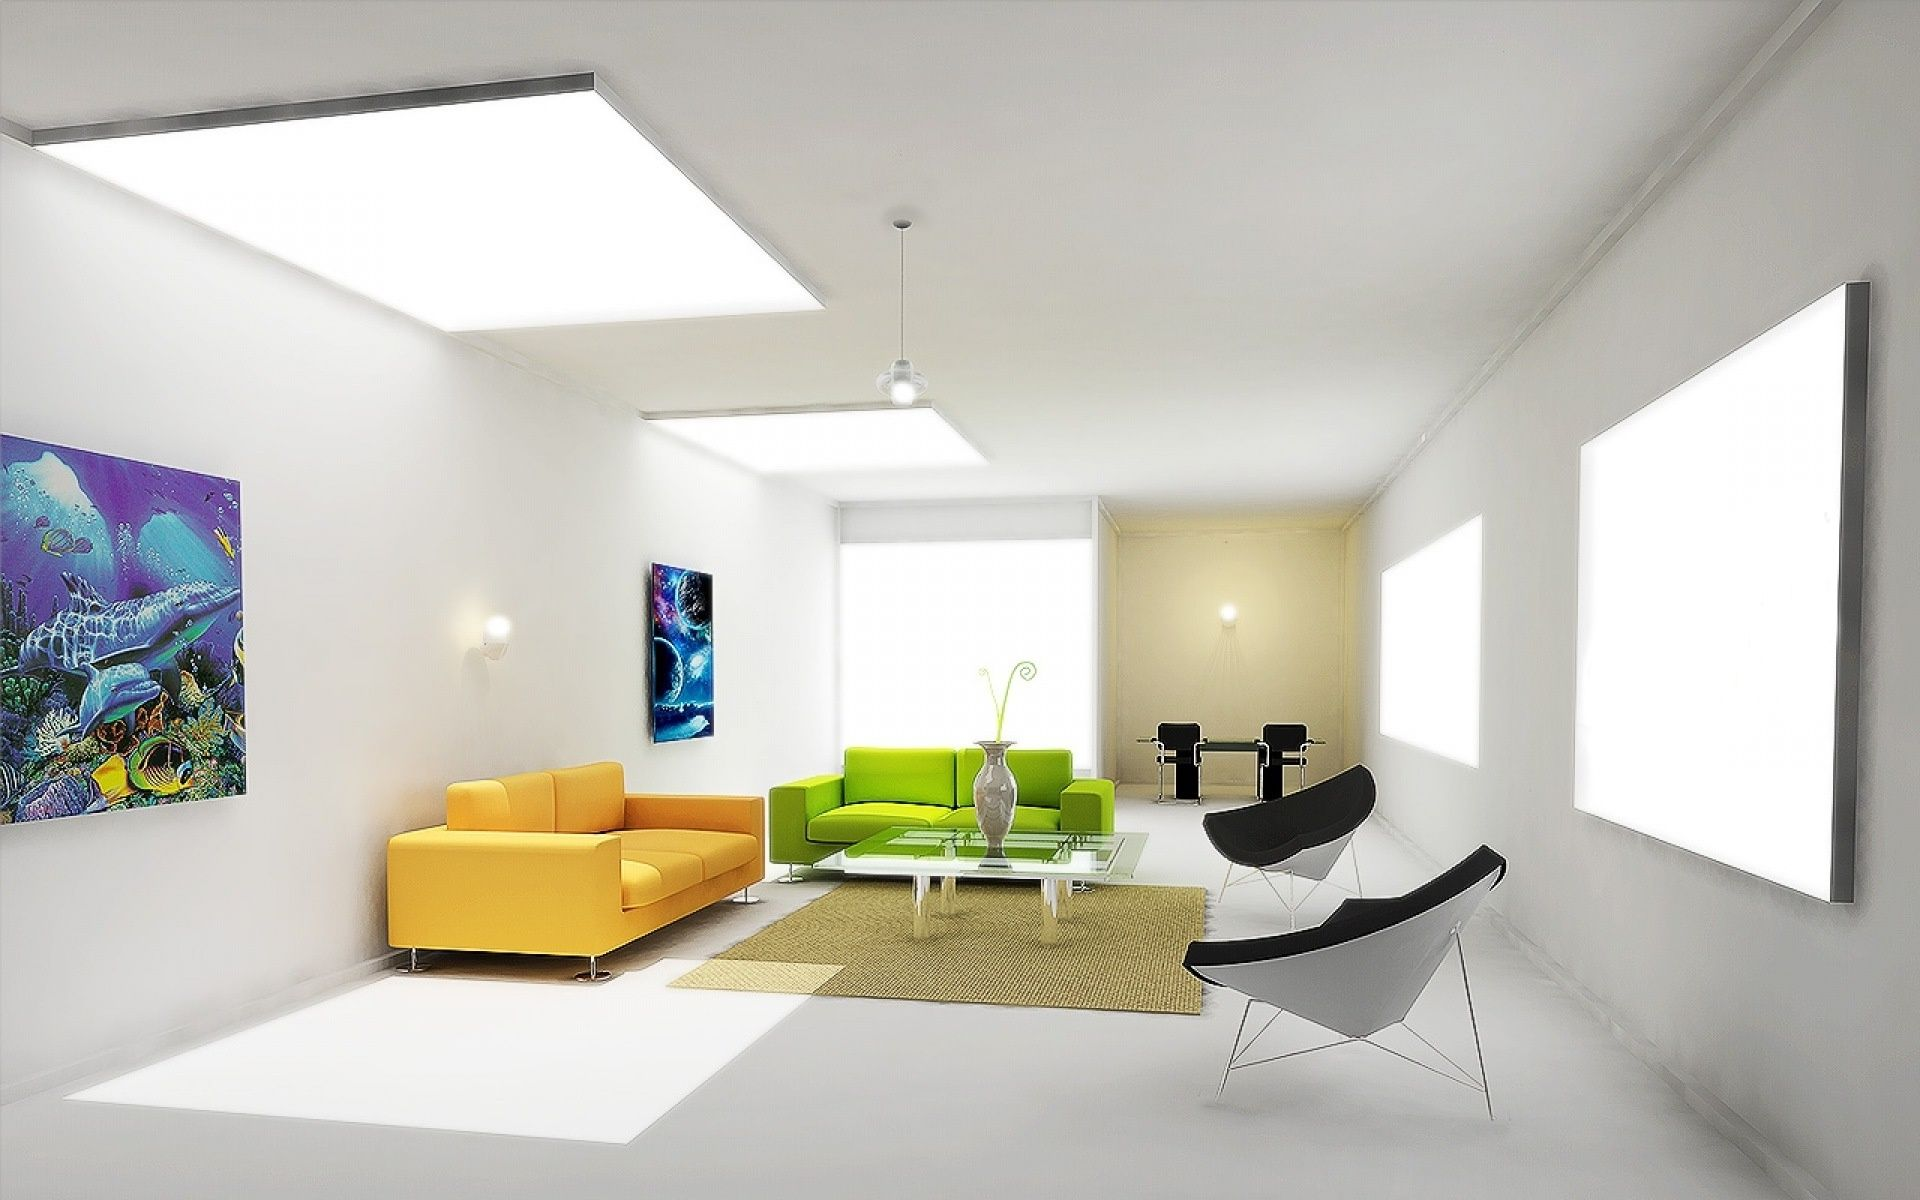 Weiße Zimmer, Zeitgenössische Inneneinrichtung, Modernes Wohn Einrichtung,  Haus Innenarchitektur, Ideen Zur Innenausstattung, Wohnzimmerinnenraum,  Moderne ...